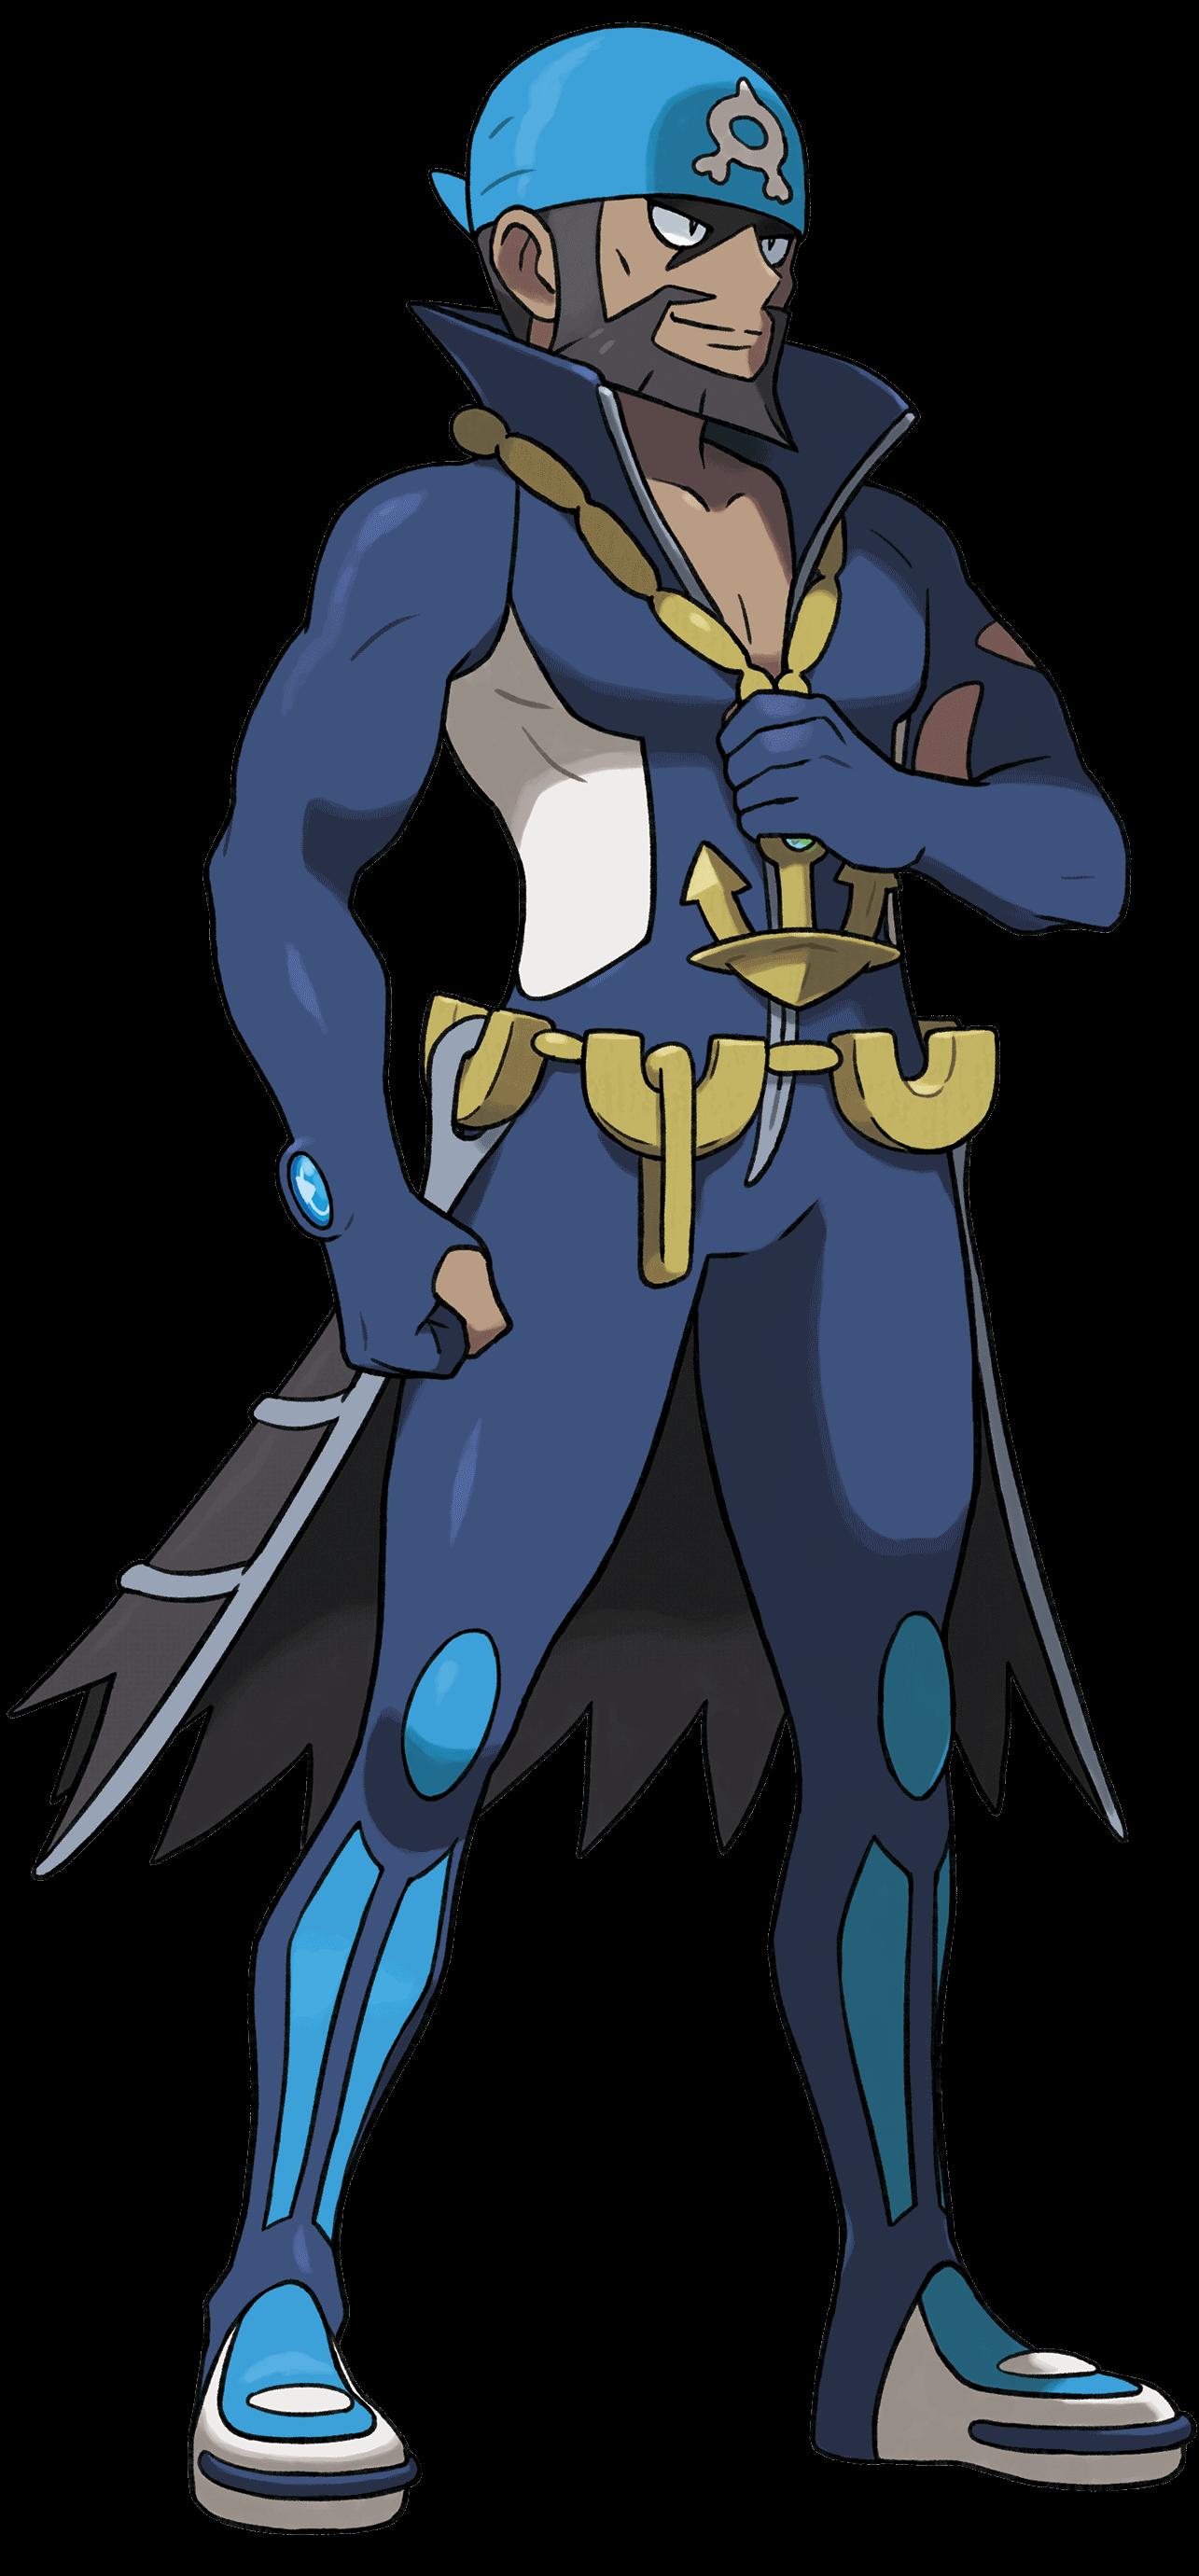 Adrian, Boss von Team Aqua